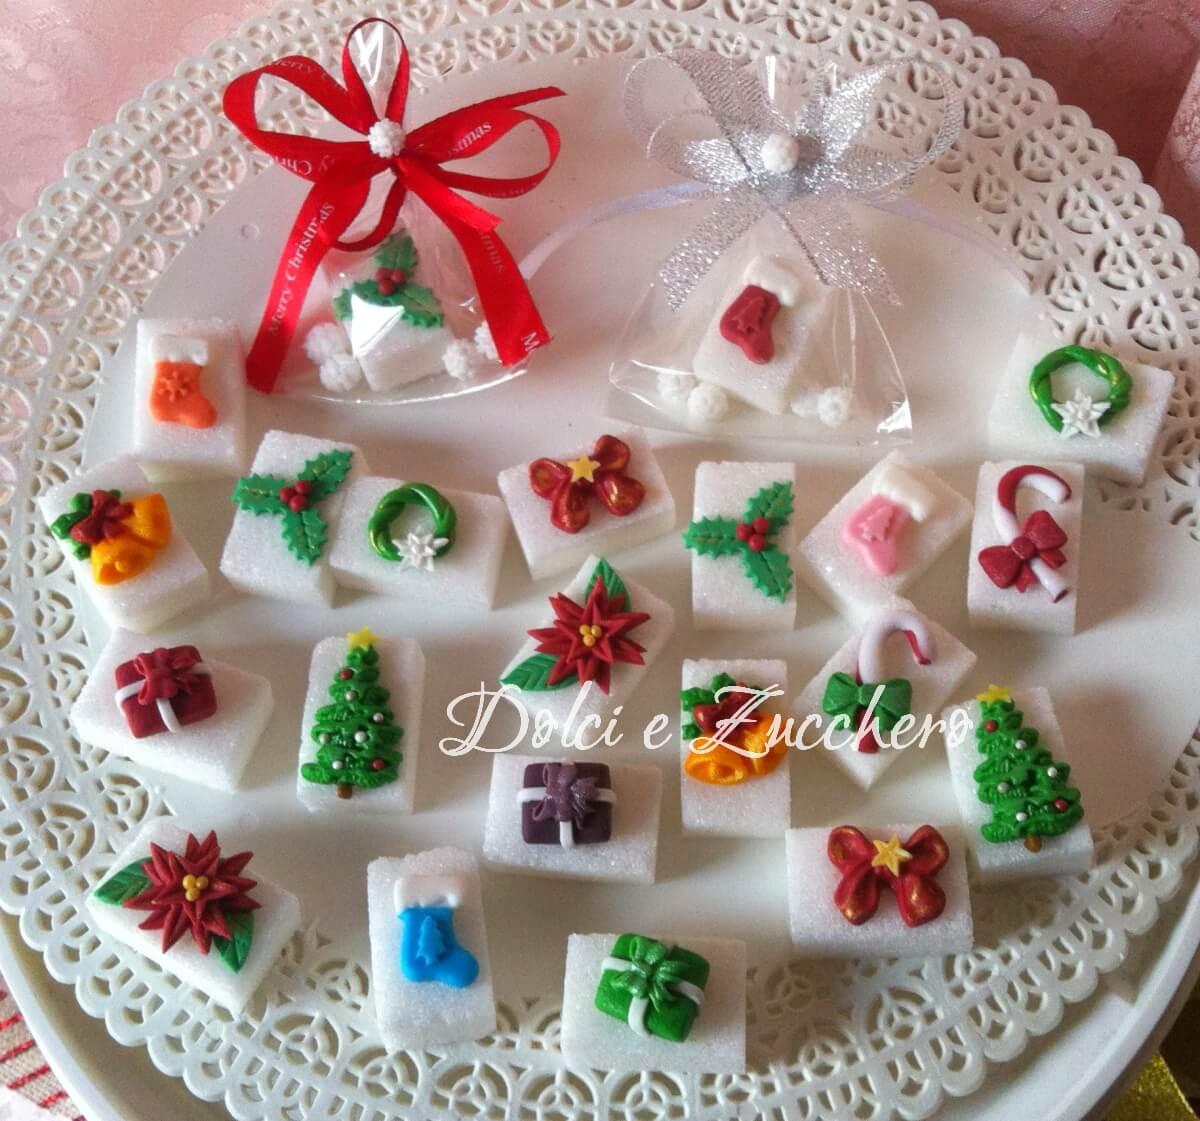 Idee di natale di zucchero originali dolci e zucchero for Idee per centrotavola di natale